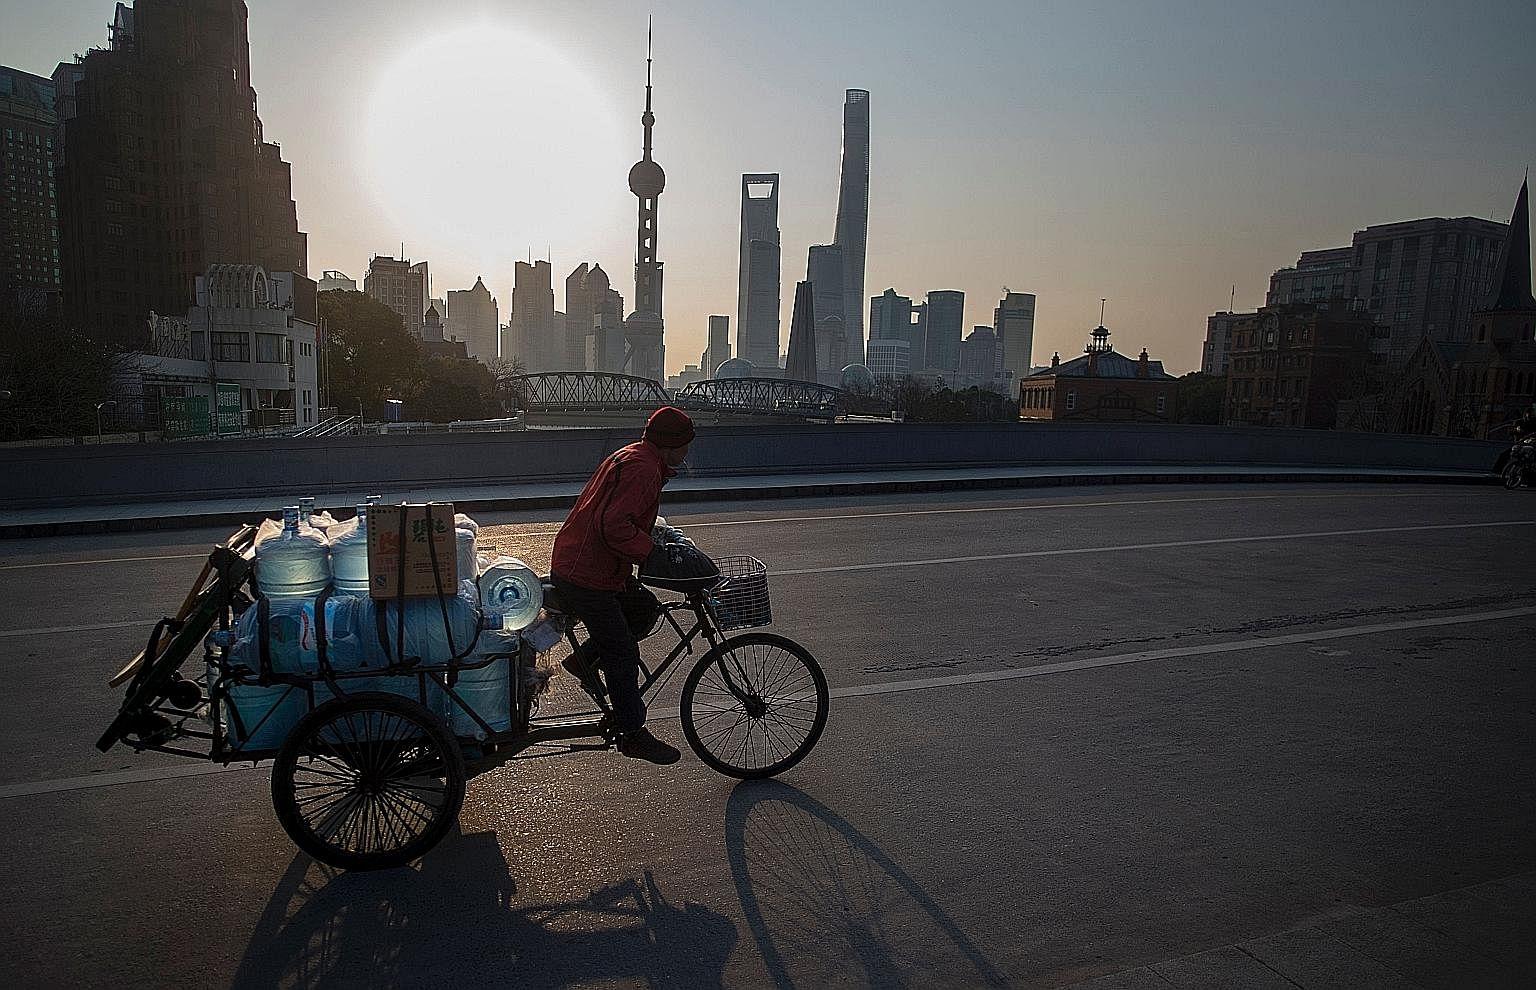 China's stocks, Yuan erase losses triggered by Moody's downgrade